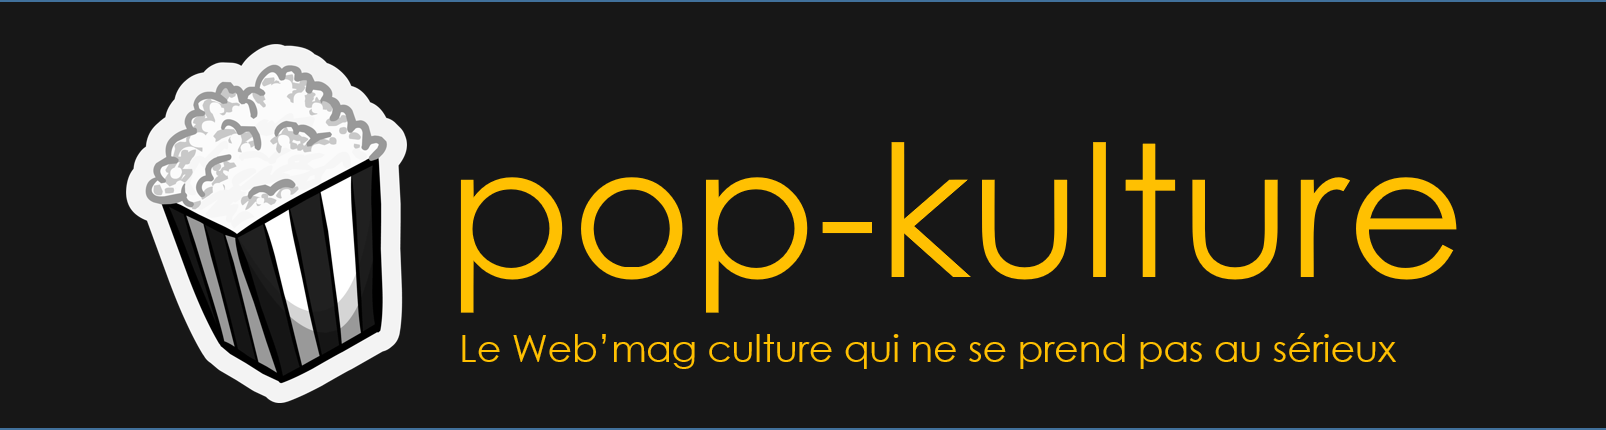 cropped-pop-kulture-logo-2-1-1.png